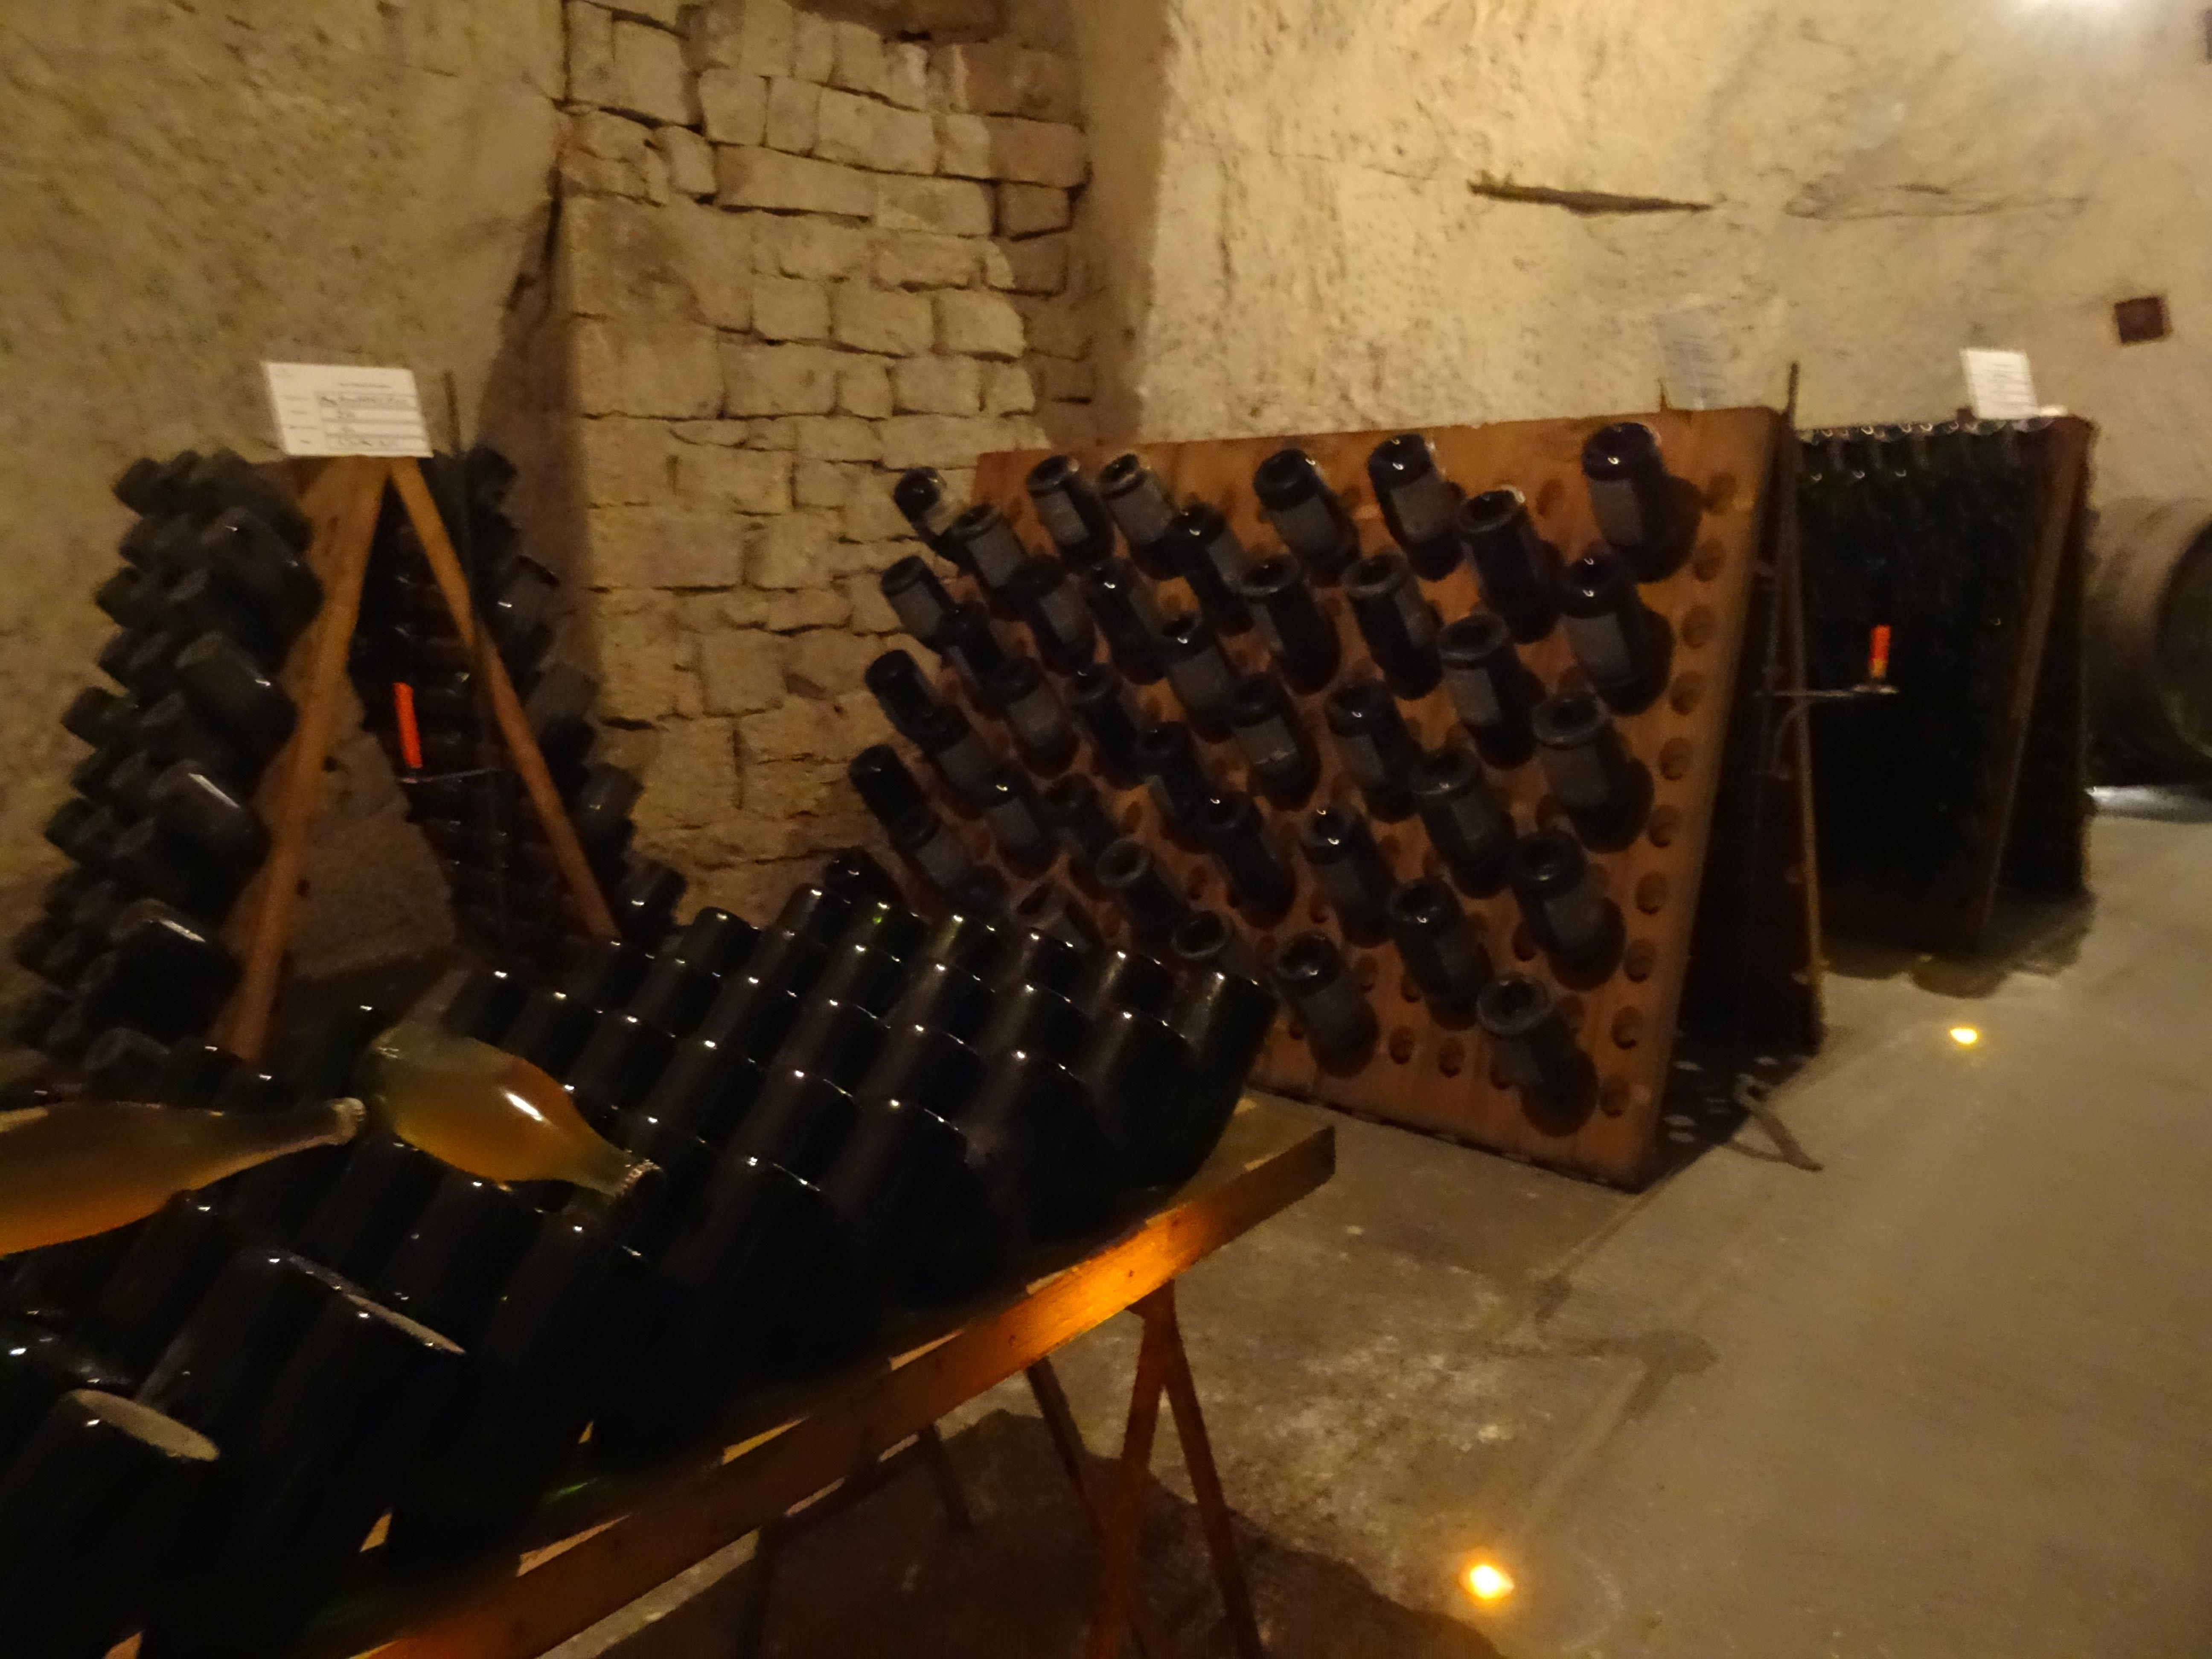 Veuve Cliquot cellar